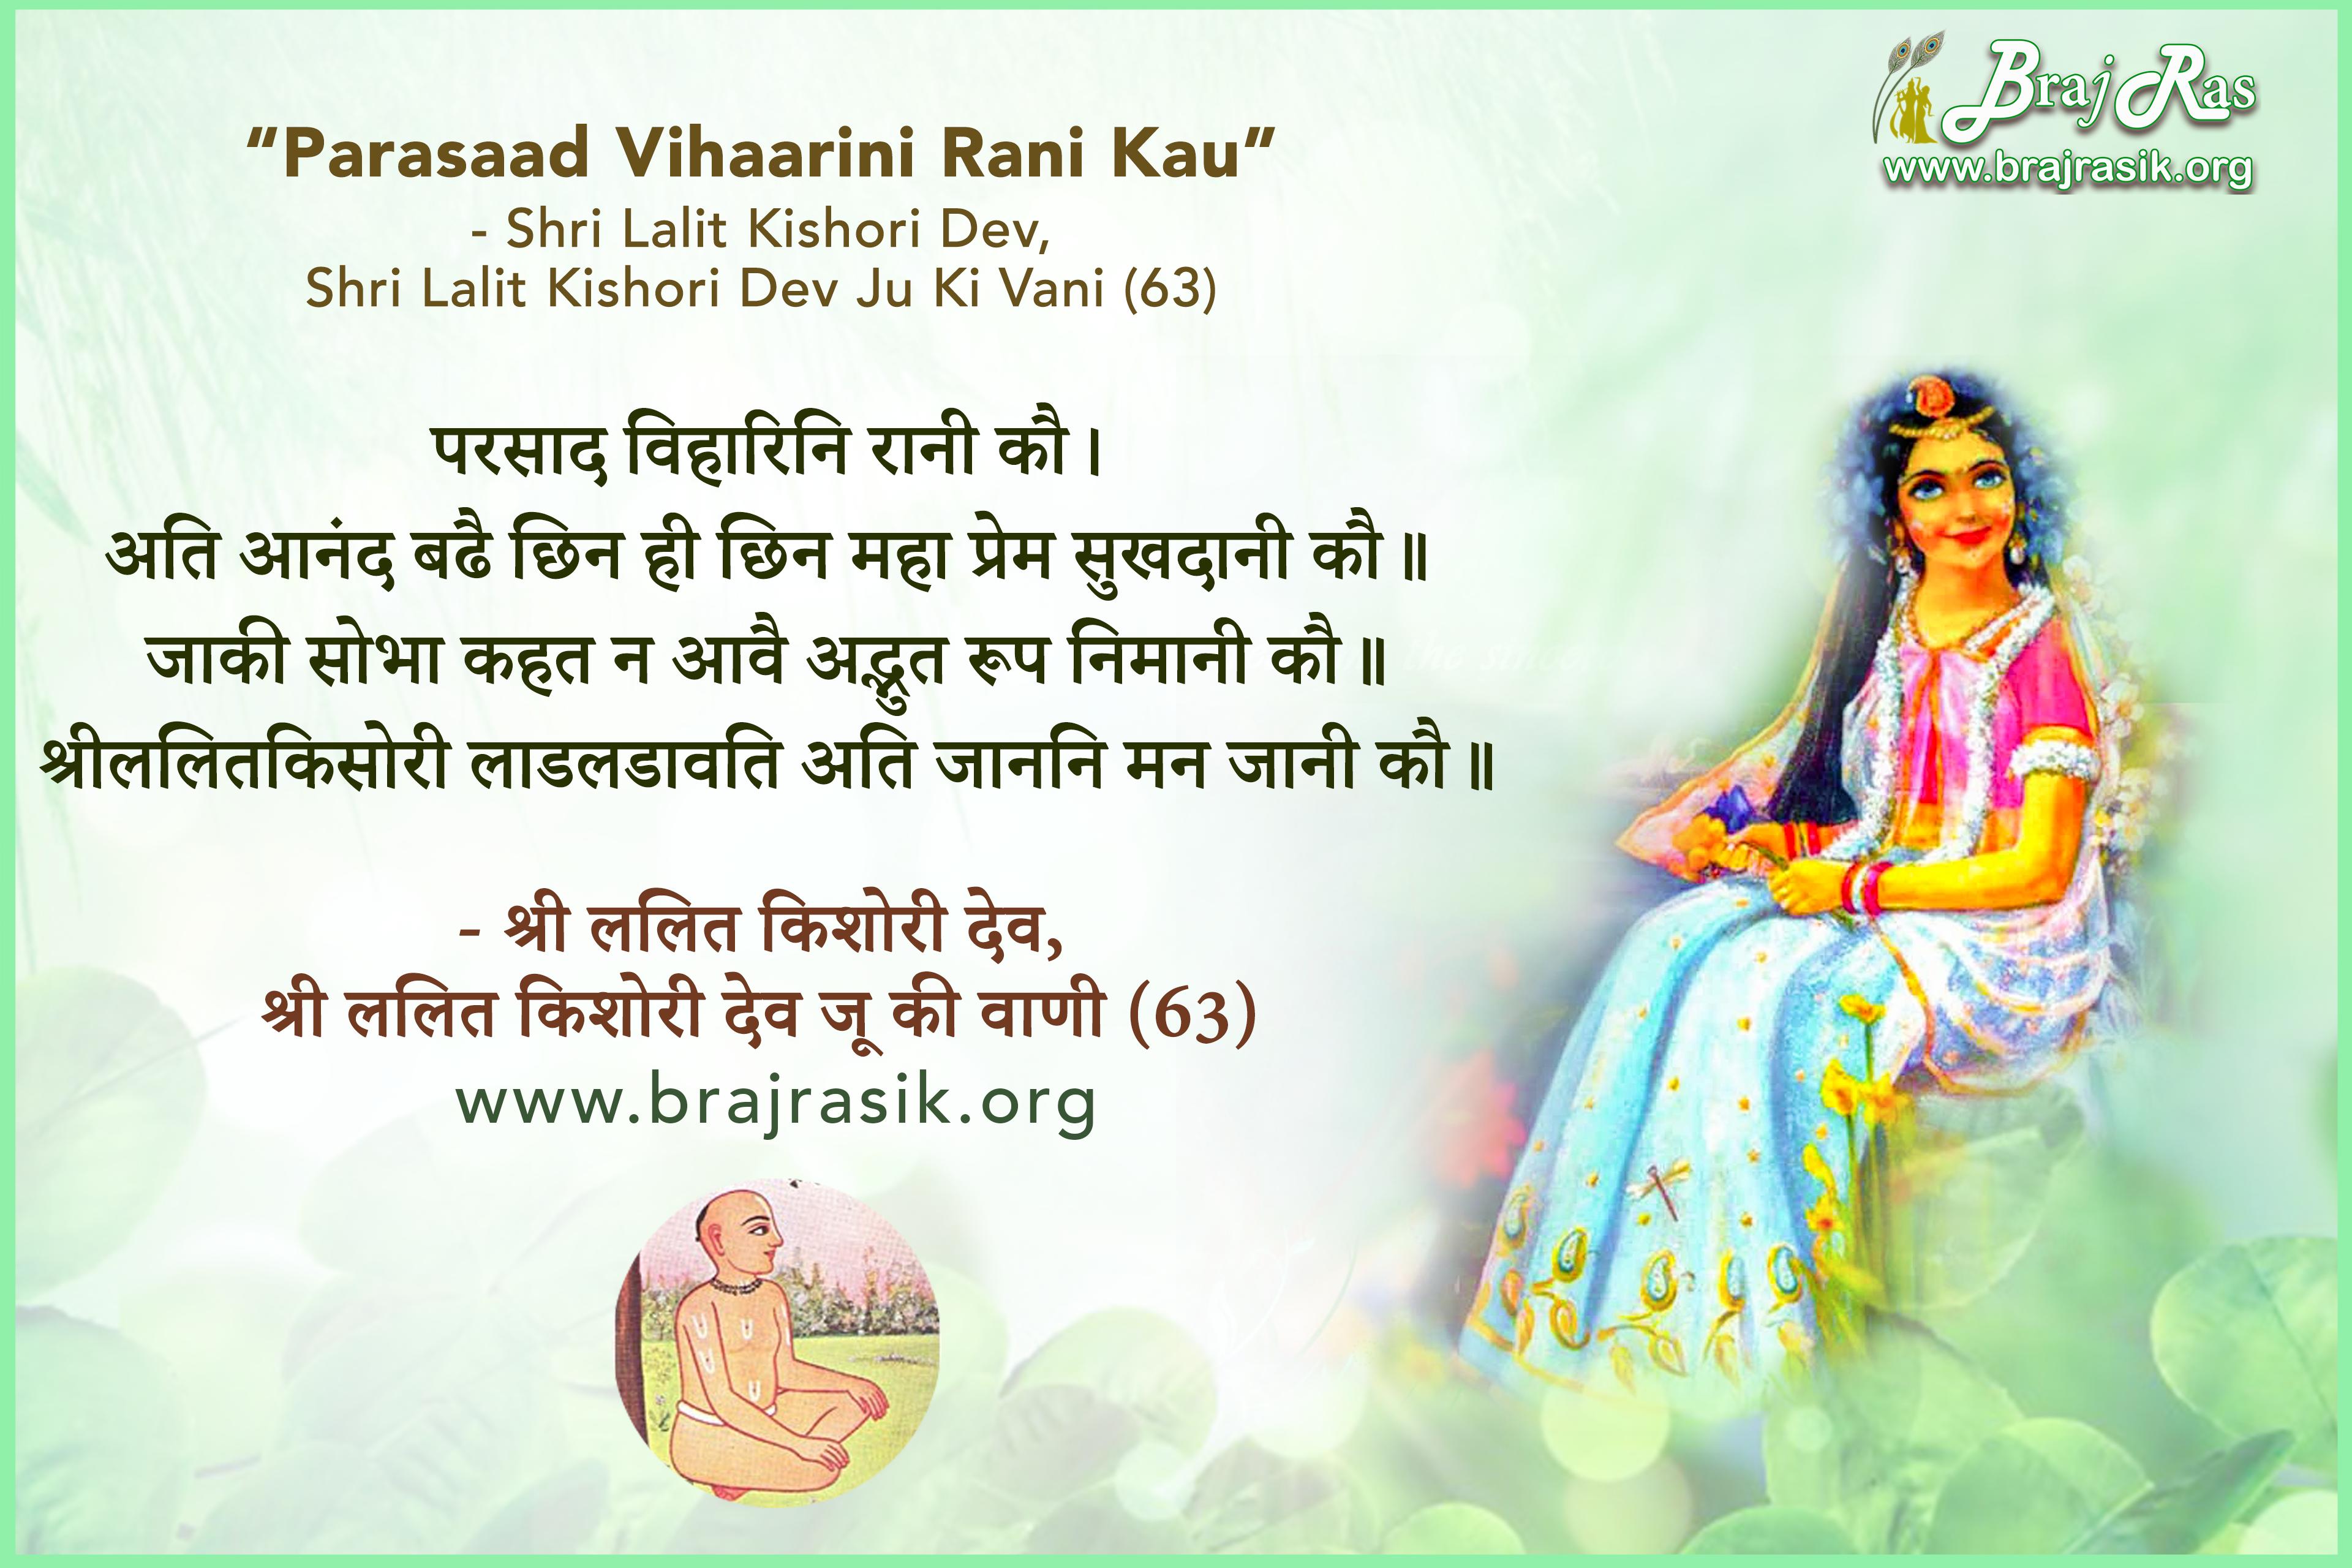 Parasaad Vihaarini Rani Kau - Shri Lalit Kishori Dev, Shri Lalit Kishori Dev Ju Ki Vani (63)